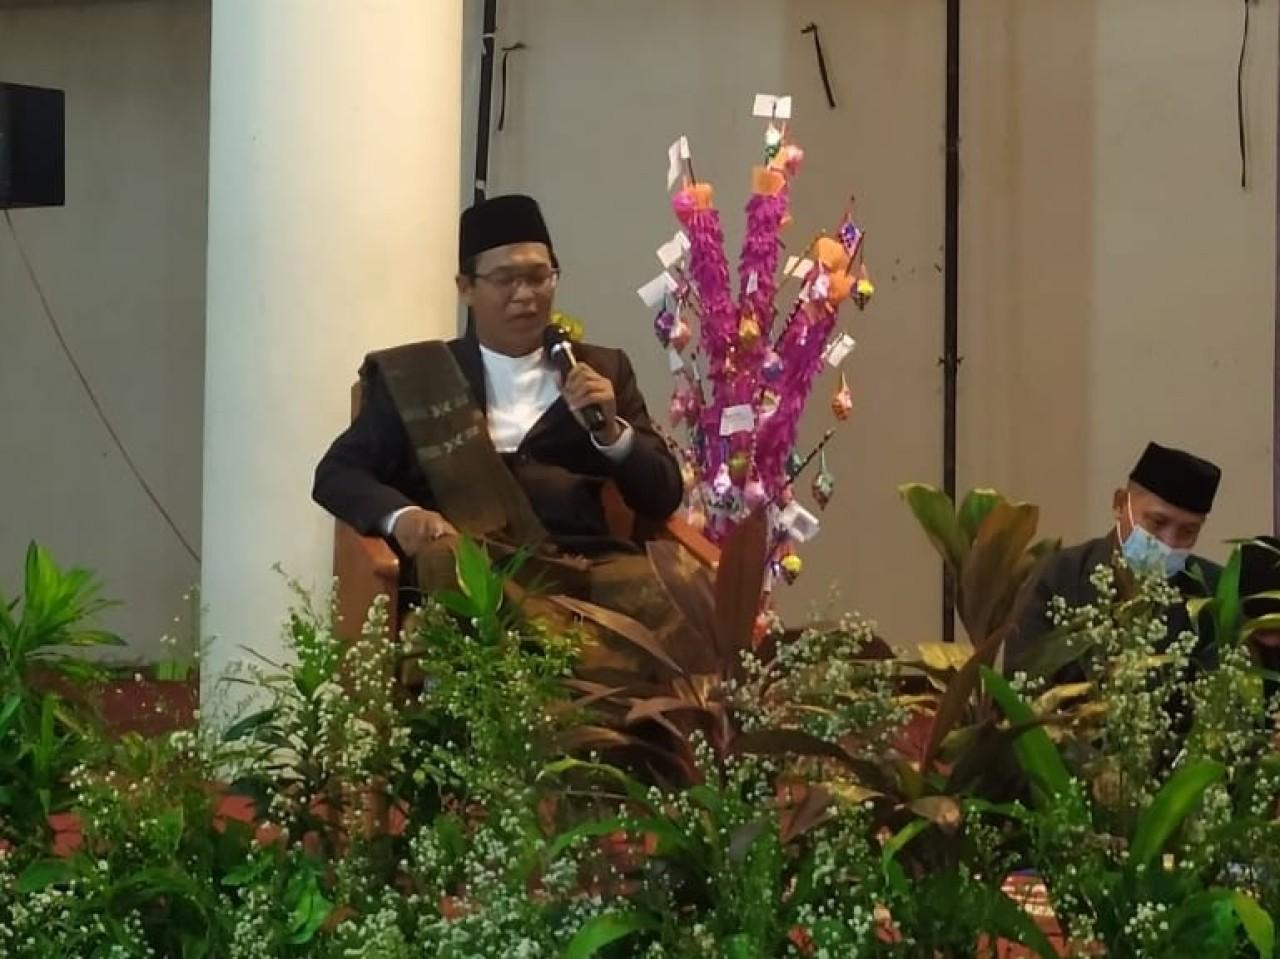 Cerita Gus Ishom yang Tidur Hanya 1,5 Jam Karena Sibuk Persiapan Muktamar Lampung